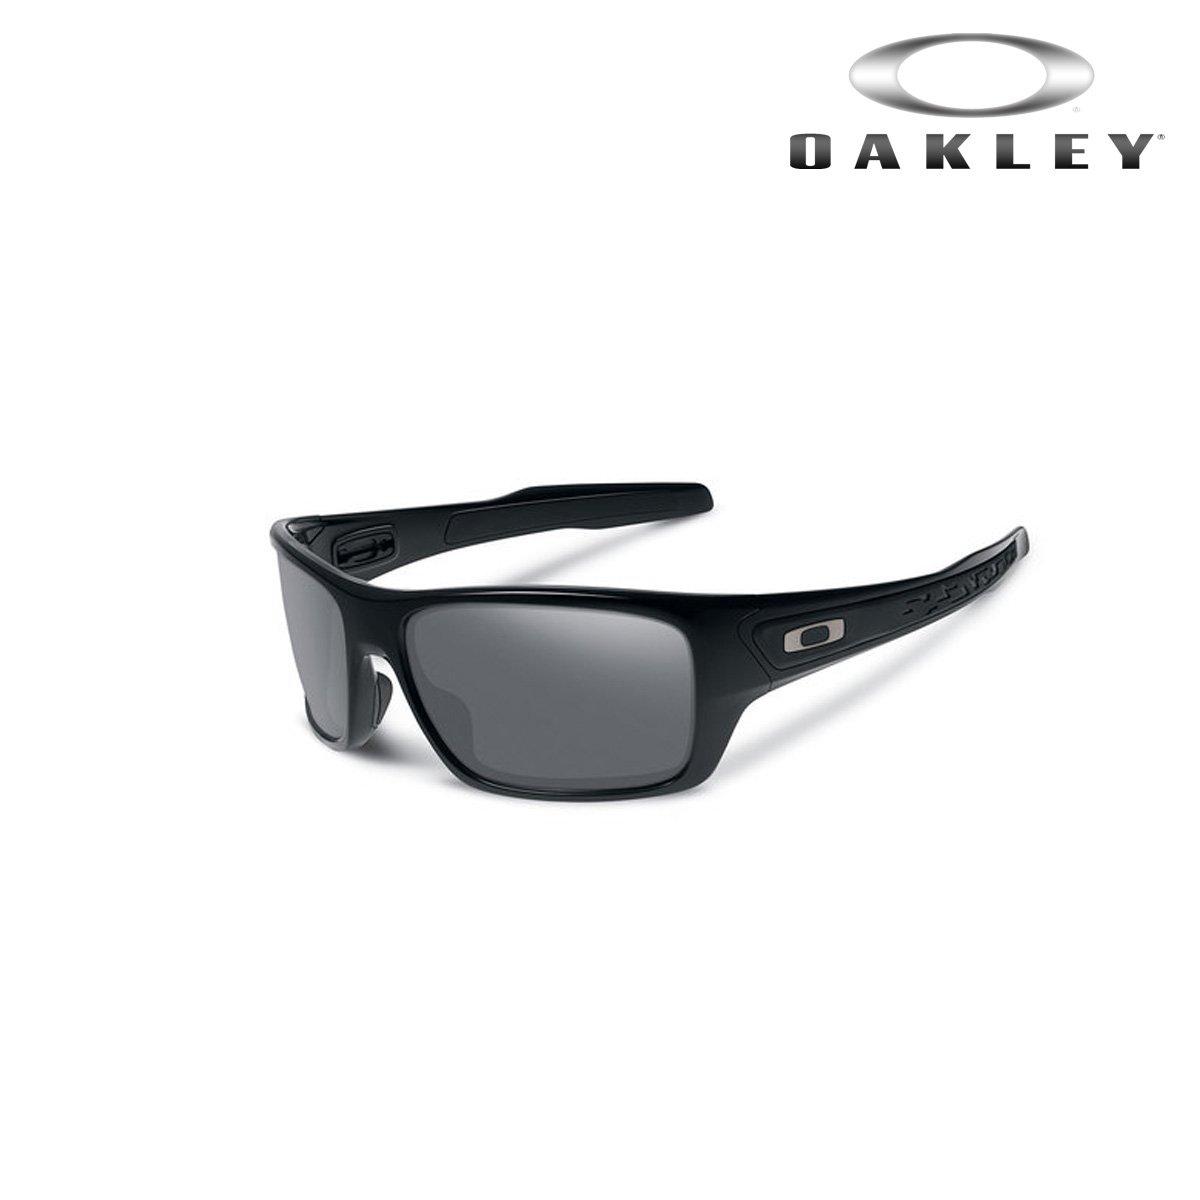 oakley verre interchangeable